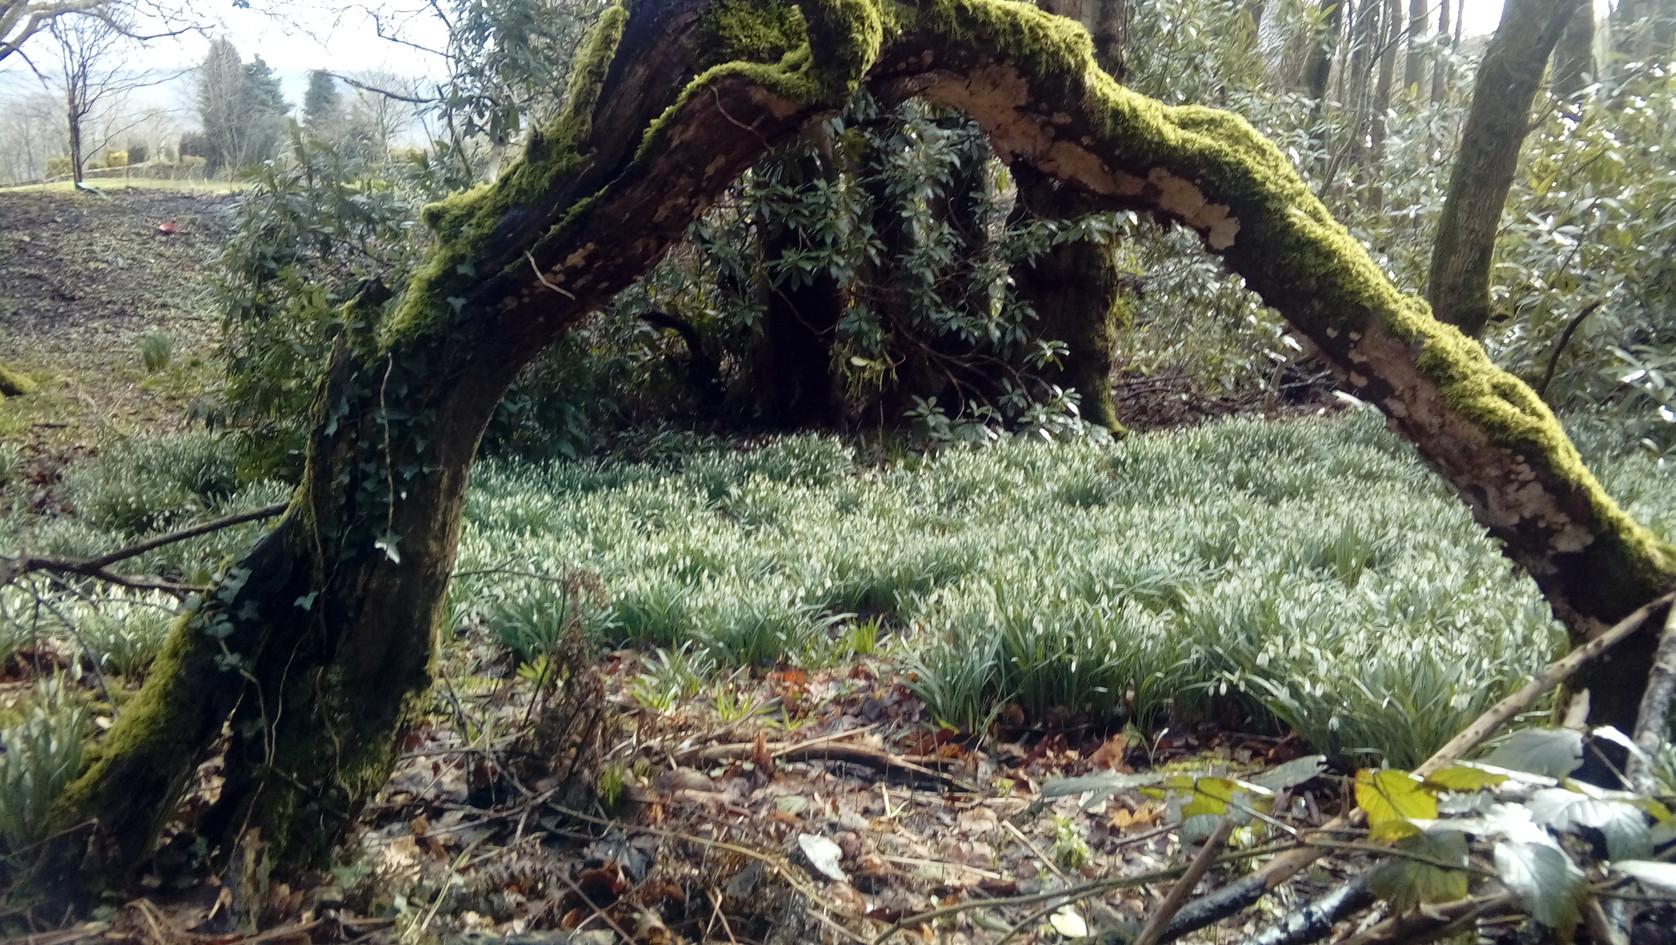 Akay woods Sedbergh YorkshireDales